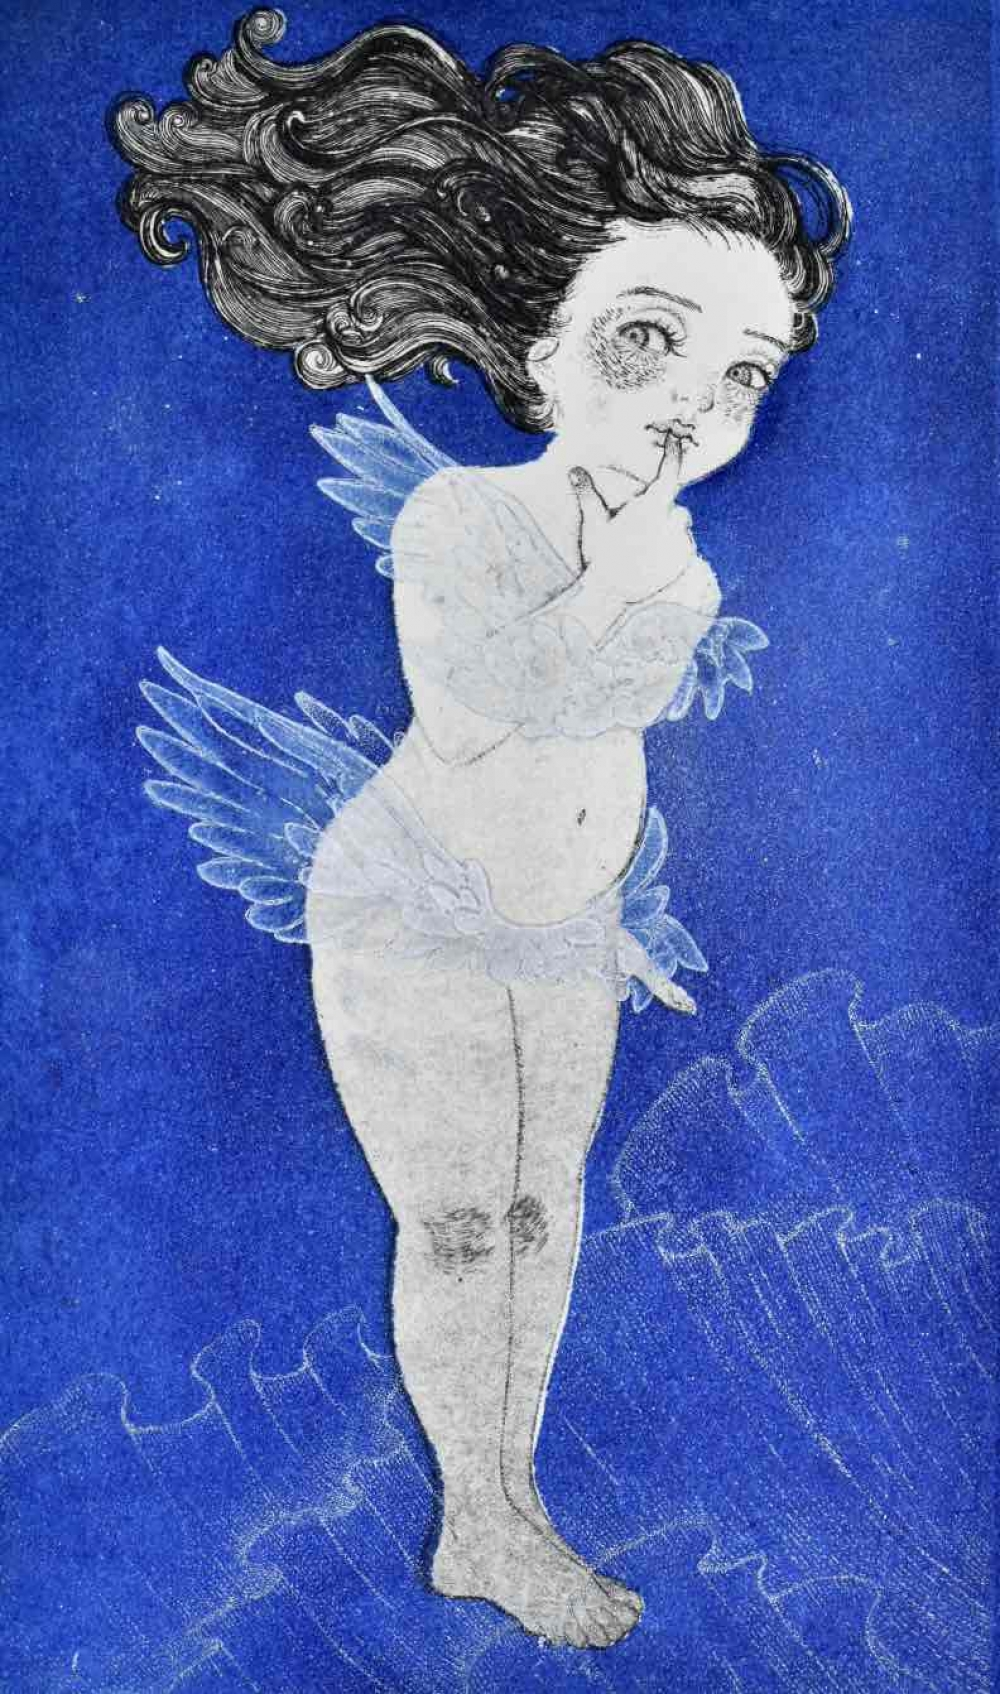 今野 樹里恵/日焼け少女と星の海/exid36037wid34394